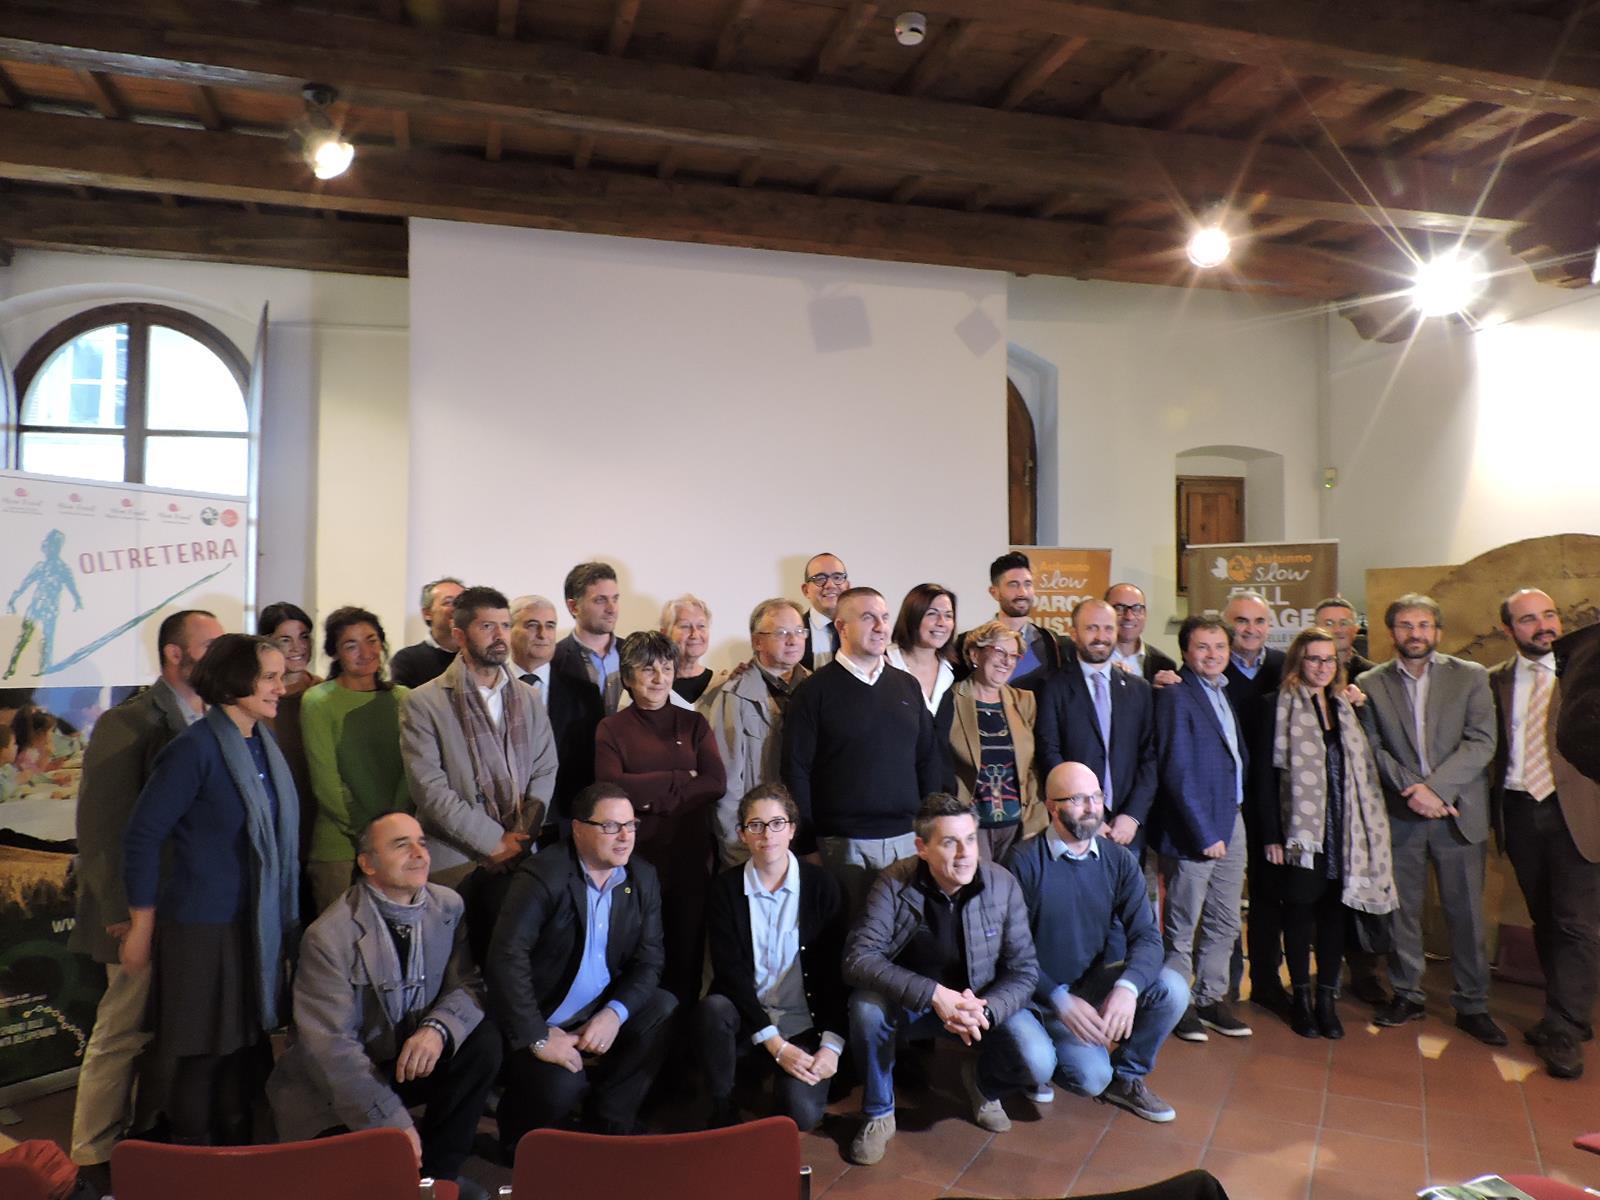 Slow Food Forlì : il frutto di Oltreterra 2016